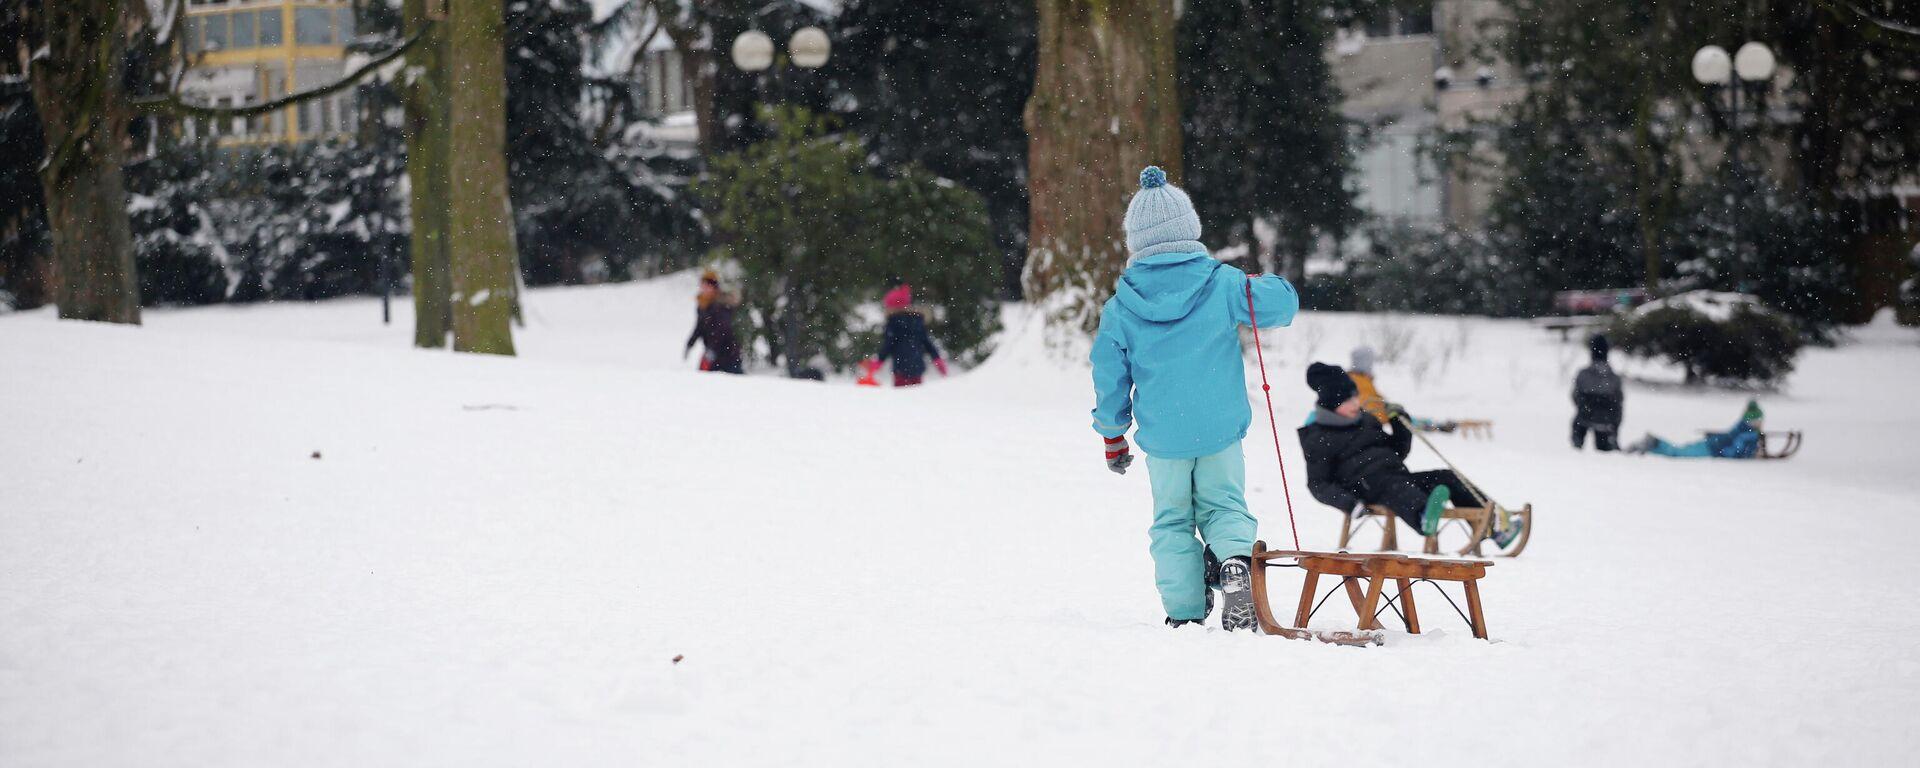 Kleinkinder spielen im Dortmunder Park nach dem Schneefall - SNA, 1920, 03.03.2021